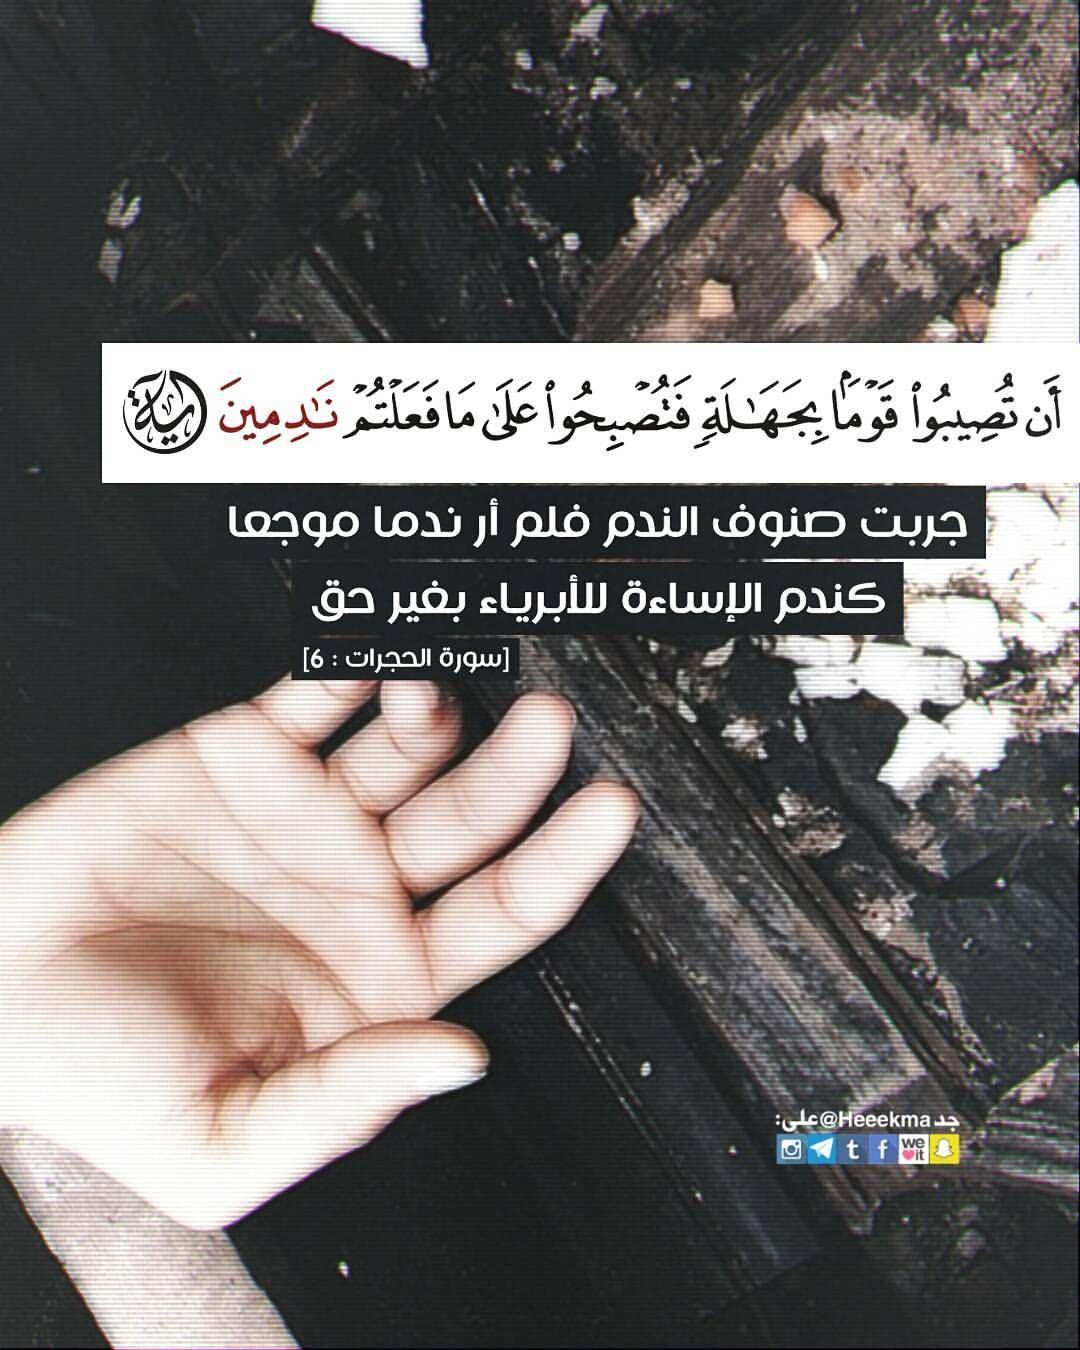 ان تصيبوا قوما بجهالة فتصبحوا على ما فعلتم نادمين جربت صنوف الندم فلم أر ندما موجعا كندم الإساءة لل Beautiful Quran Quotes Islam Facts Quran Quotes Verses